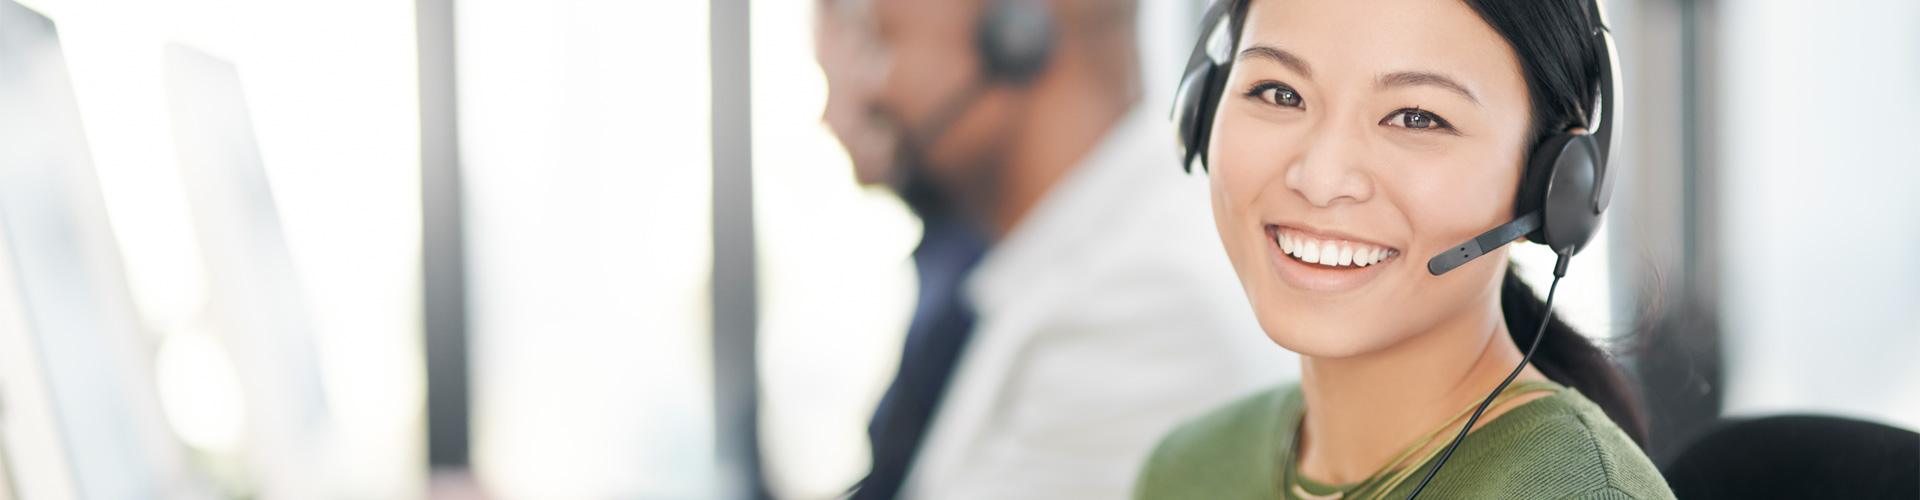 Mujer hablando por teléfono ayudando a un cliente con sus aparatos auditivos.